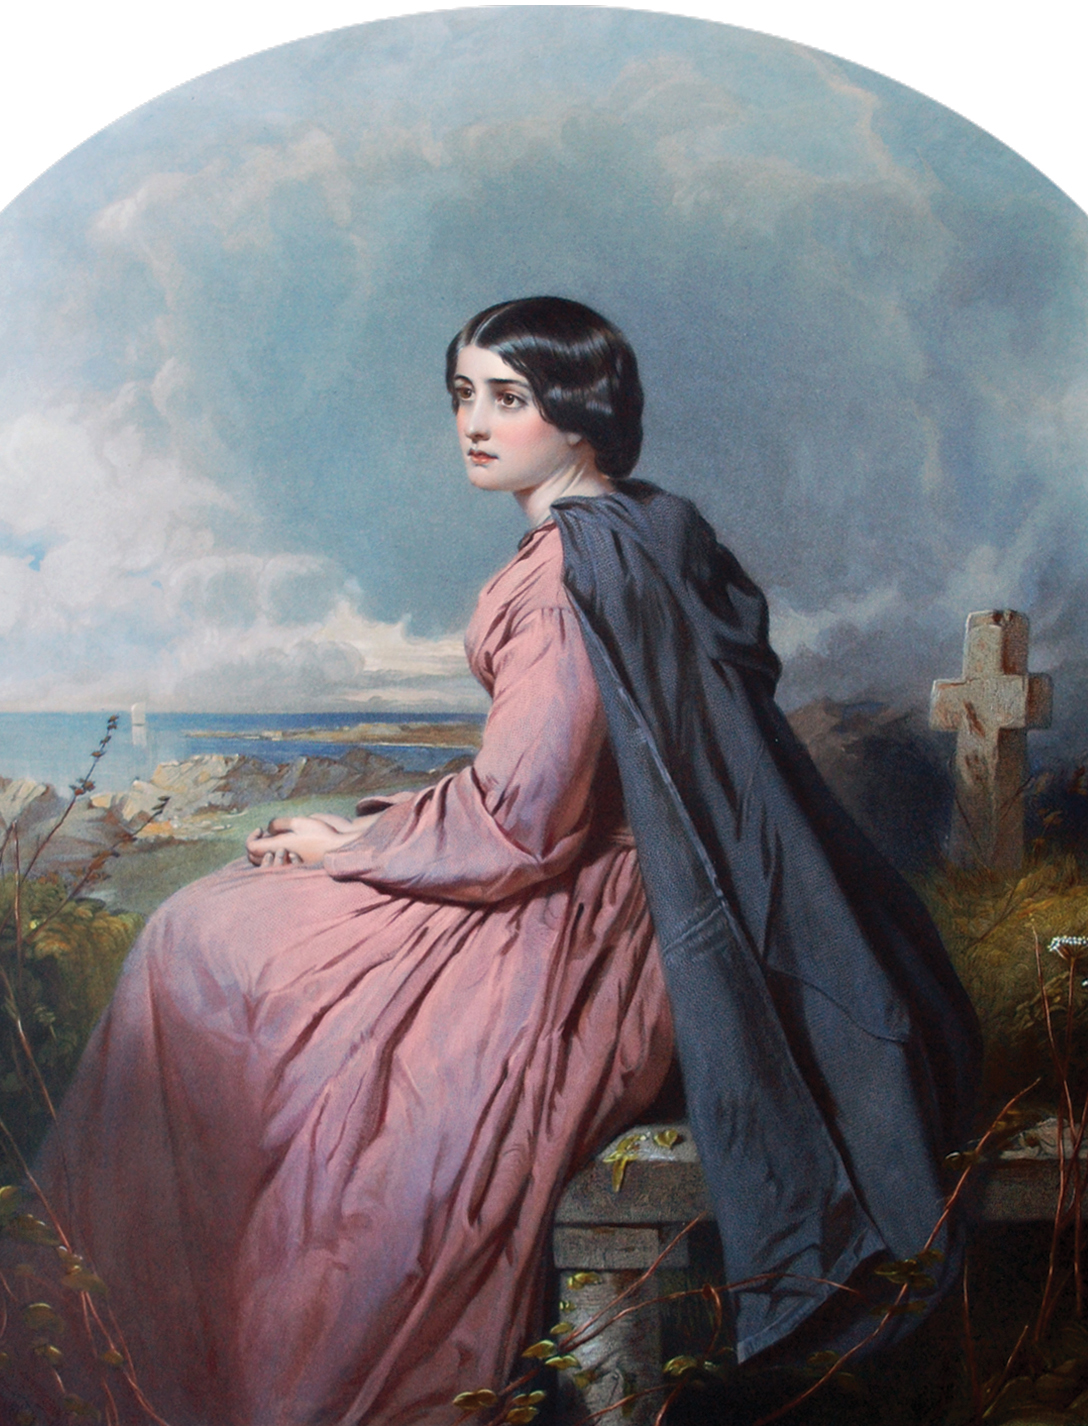 James Faed Écossais (1821 - 1911)  Evangeline , 3e édition, 1863 Lithographie rehaussée à l'aquarelle, 44 x 35,5 cm Musée acadien de l'Université de Moncton,Don de R. P. Clément Cormier, 73-19-29